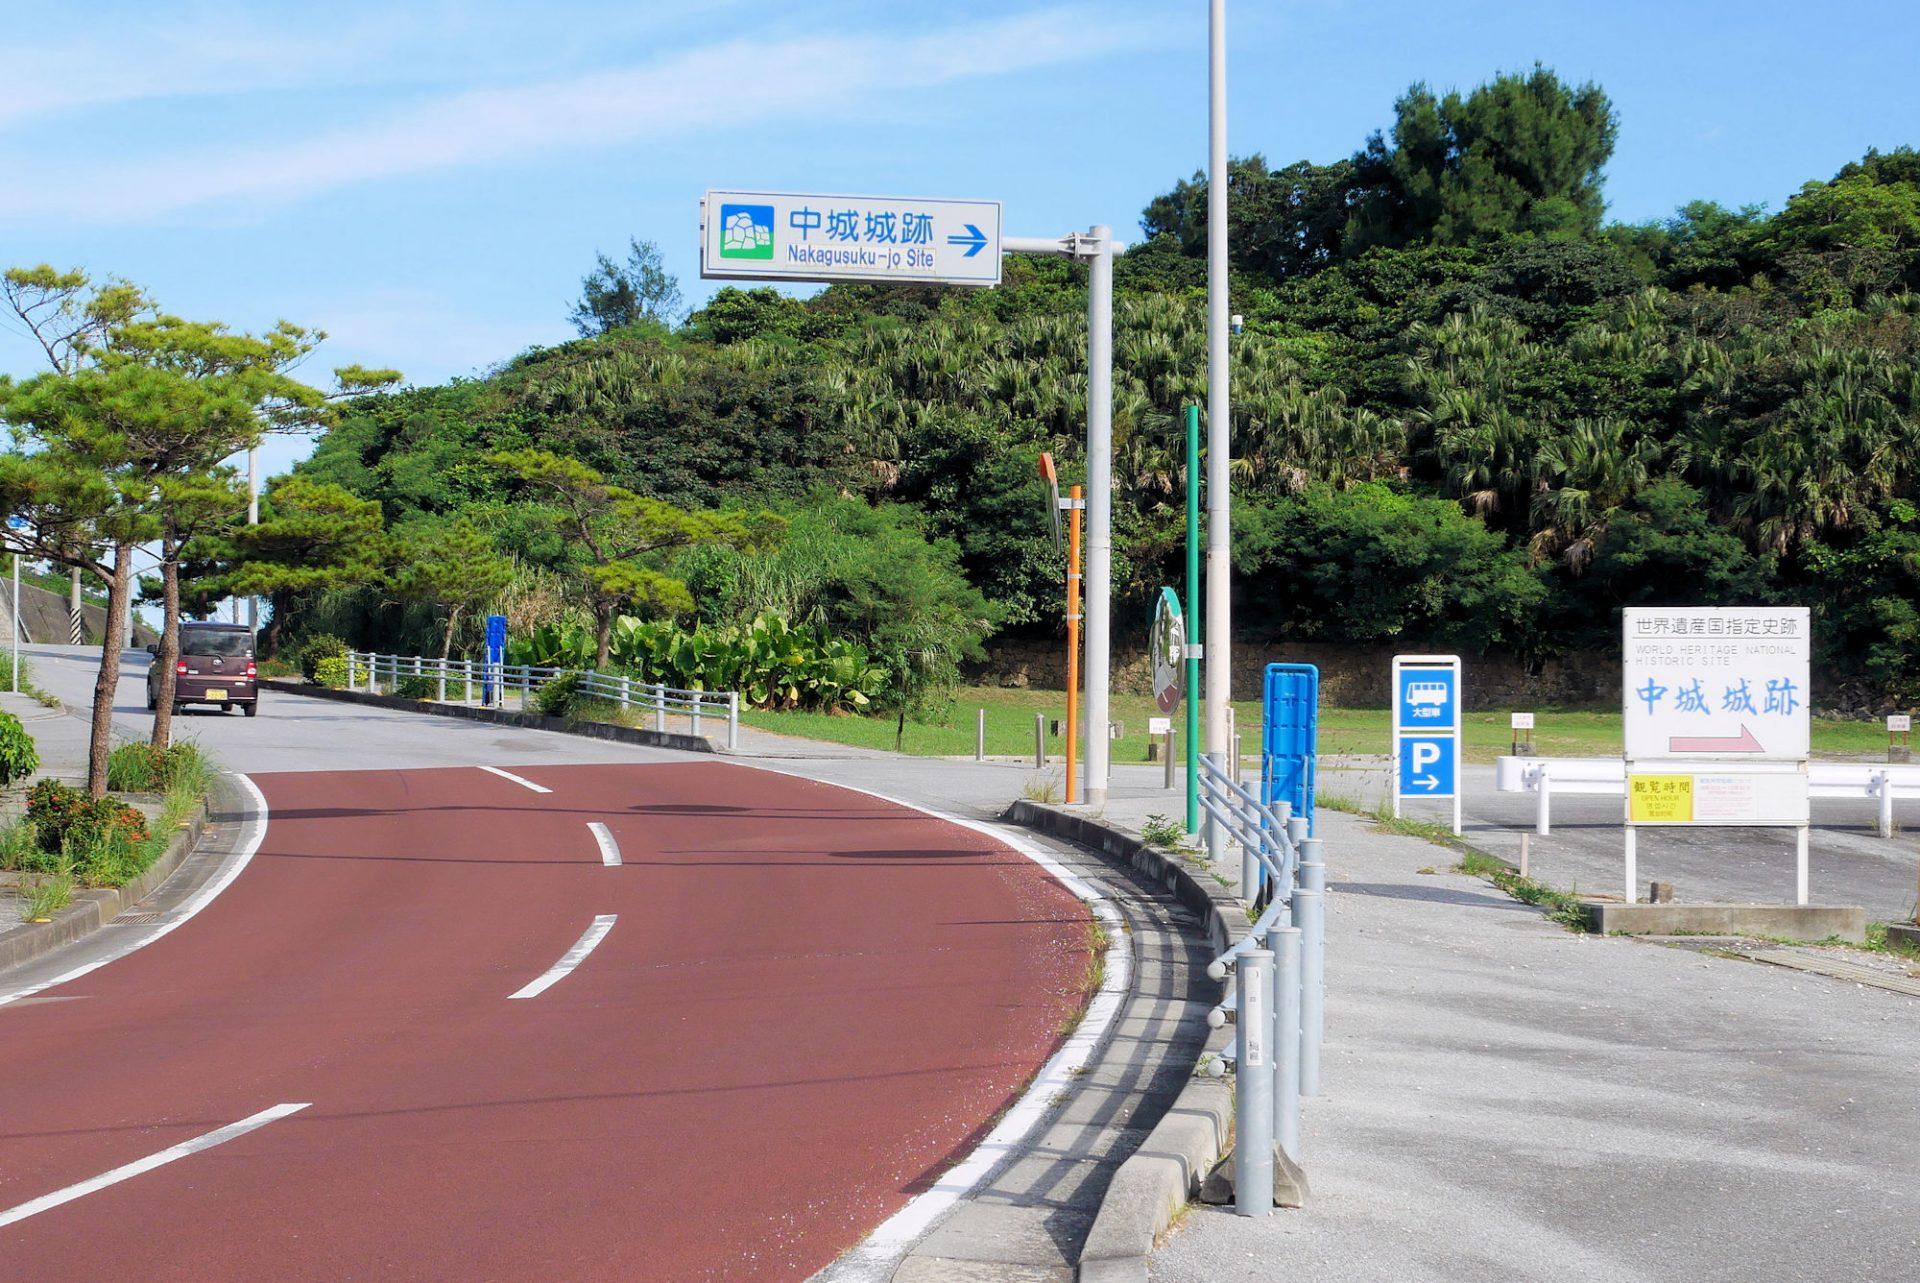 アクセス 中城村 世界遺産 中城城跡 沖縄 観光 旅行 歴史